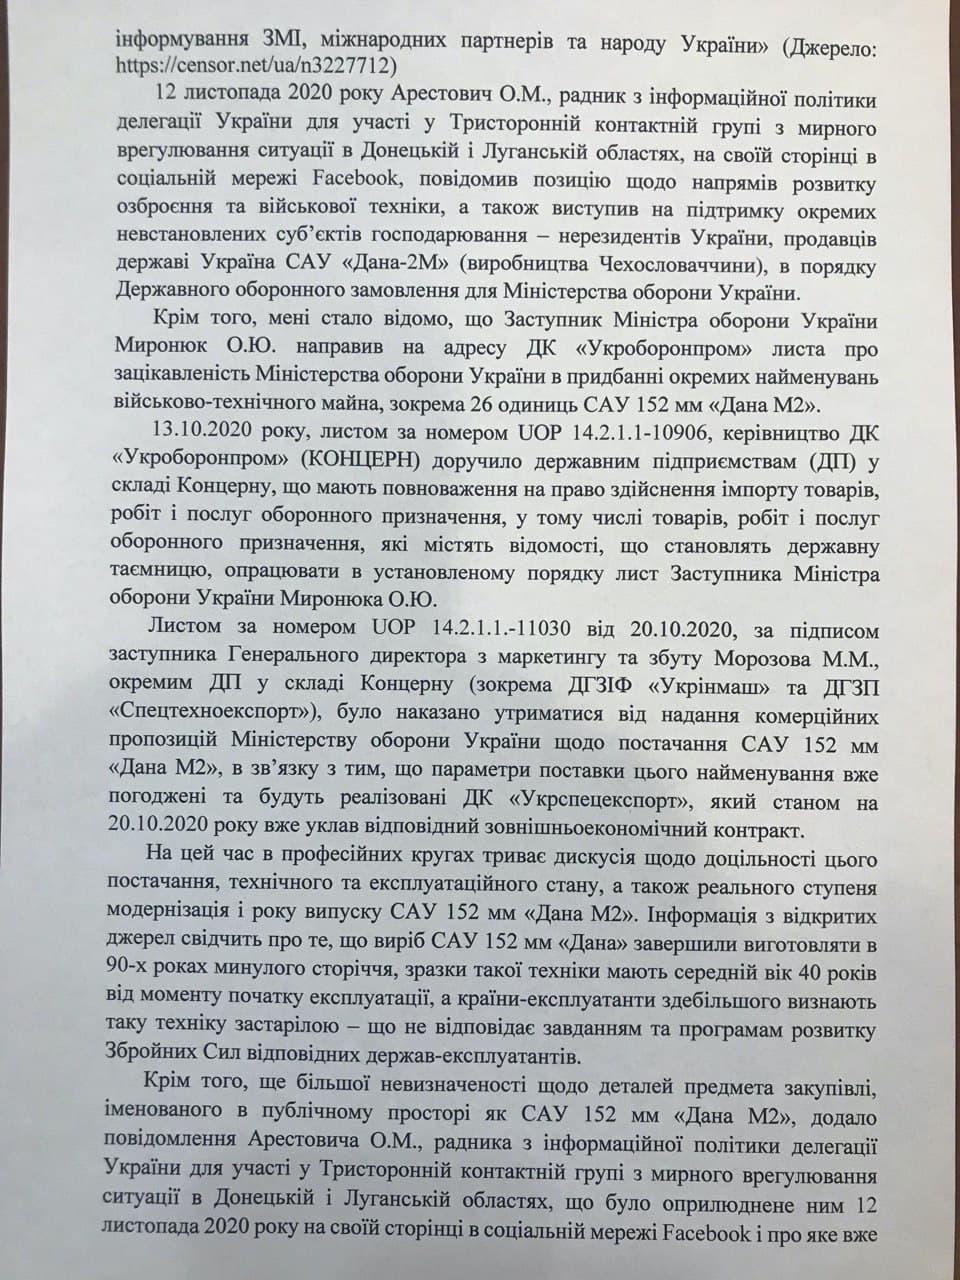 Контракт на чеські САУ Дана М2 було укладено 20 жовтня